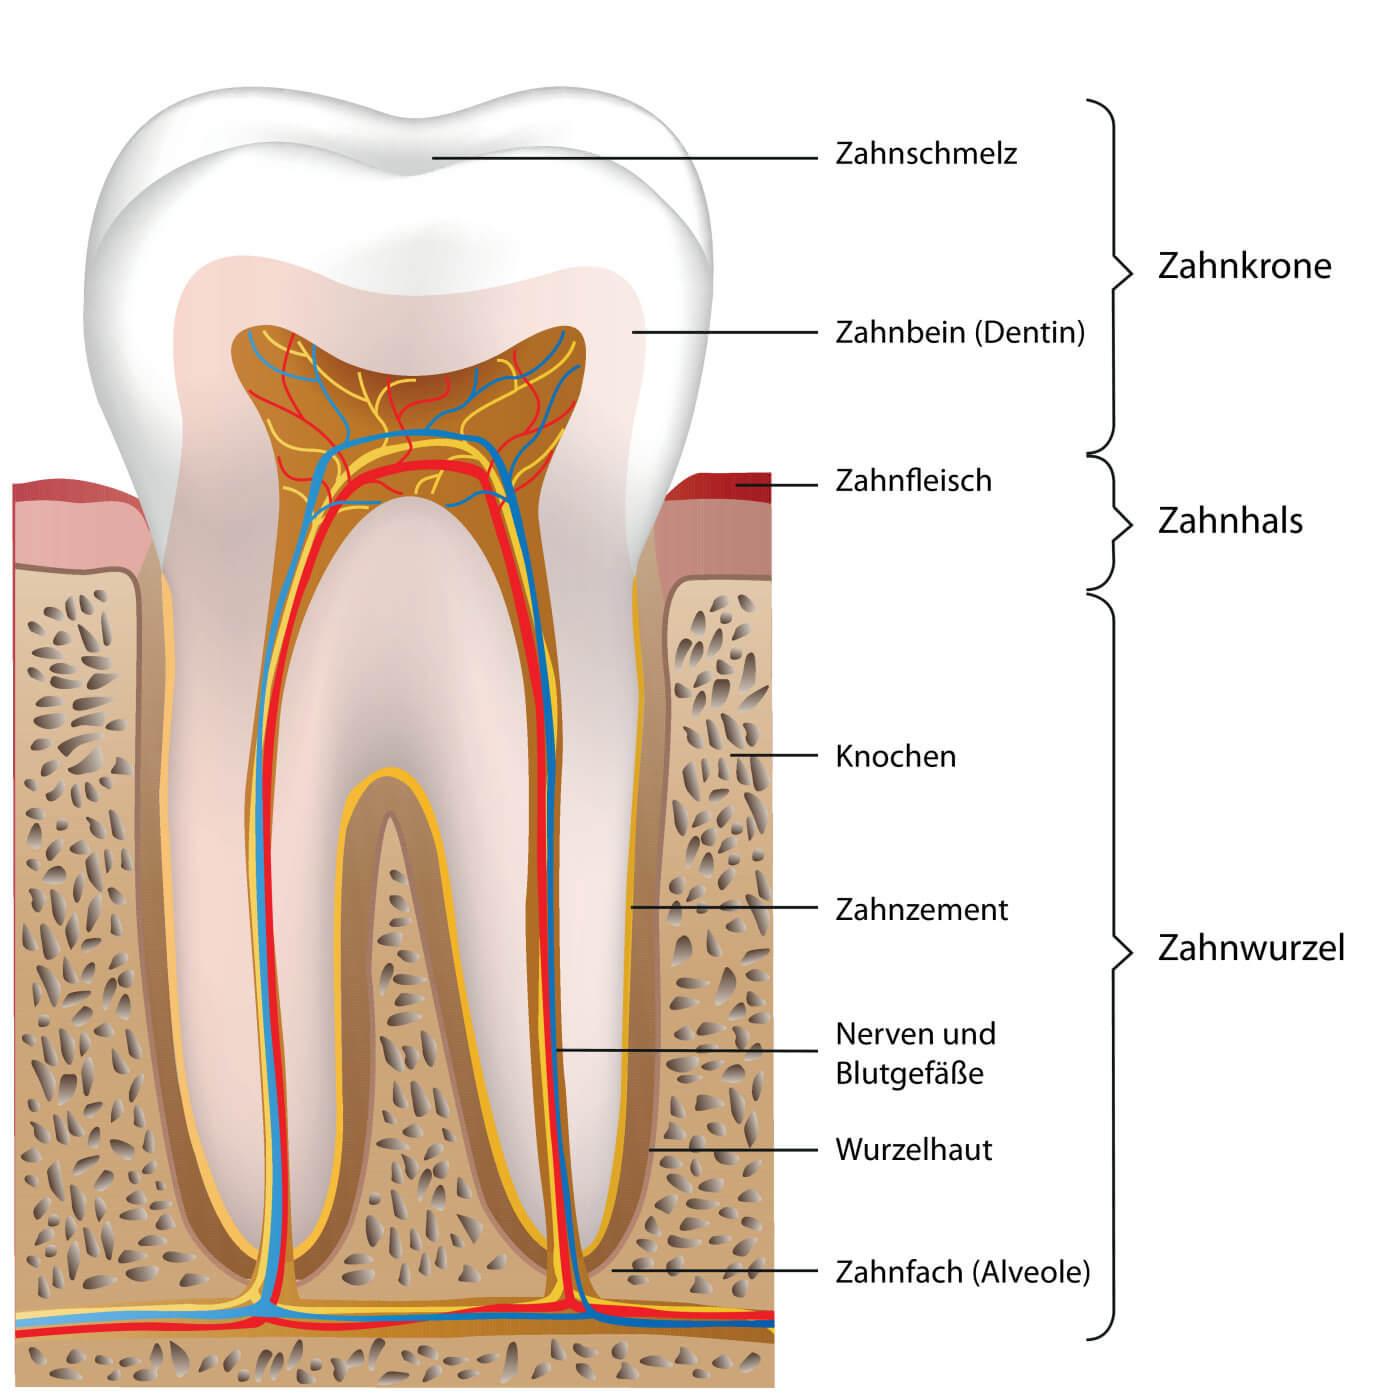 Illustration Zahnaufbau Erklaerung Zahnschmelz